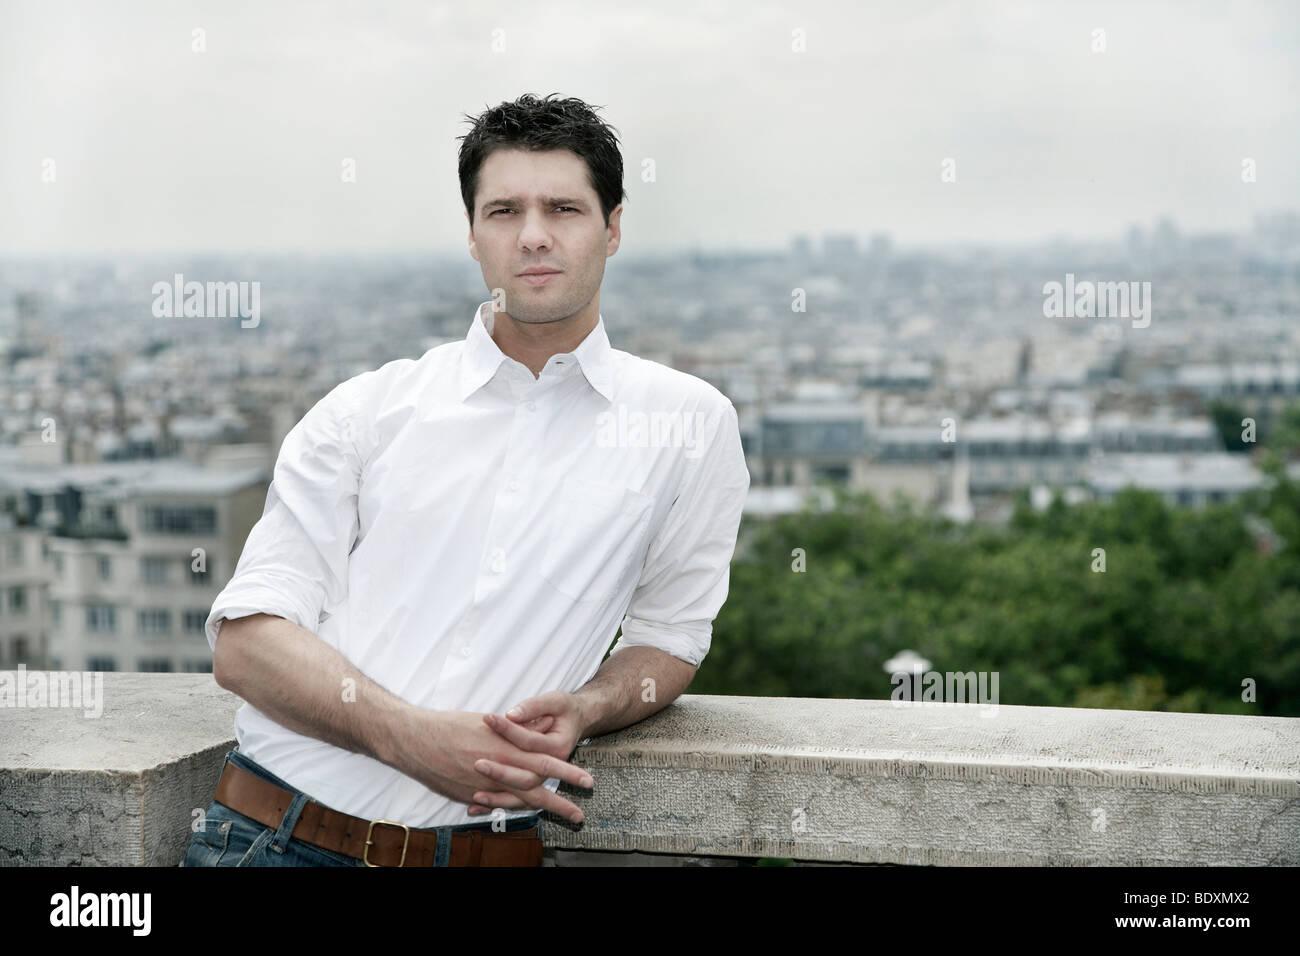 Young man, portrait, Paris, France, Europe - Stock Image